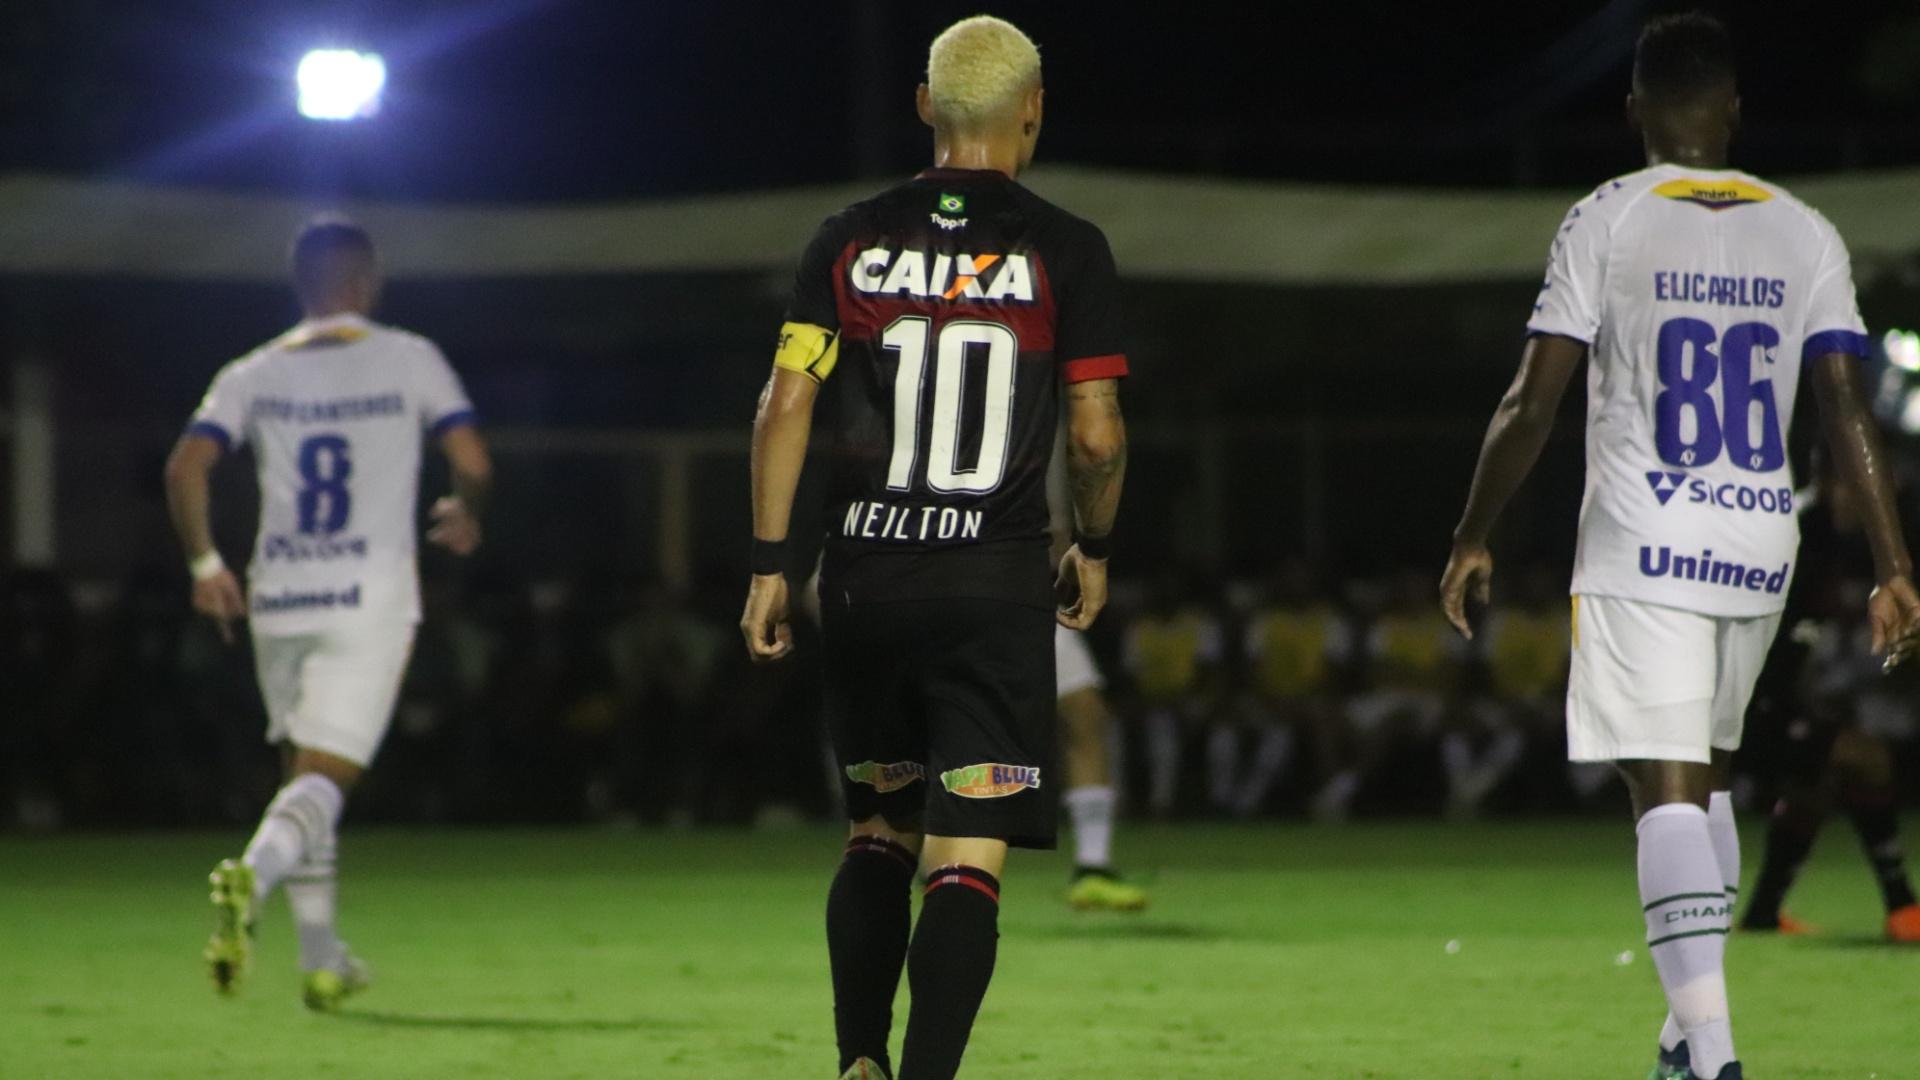 Neilton em campo no jogo Vitória x Chapecoense pelo Campeonato Brasileiro 2018